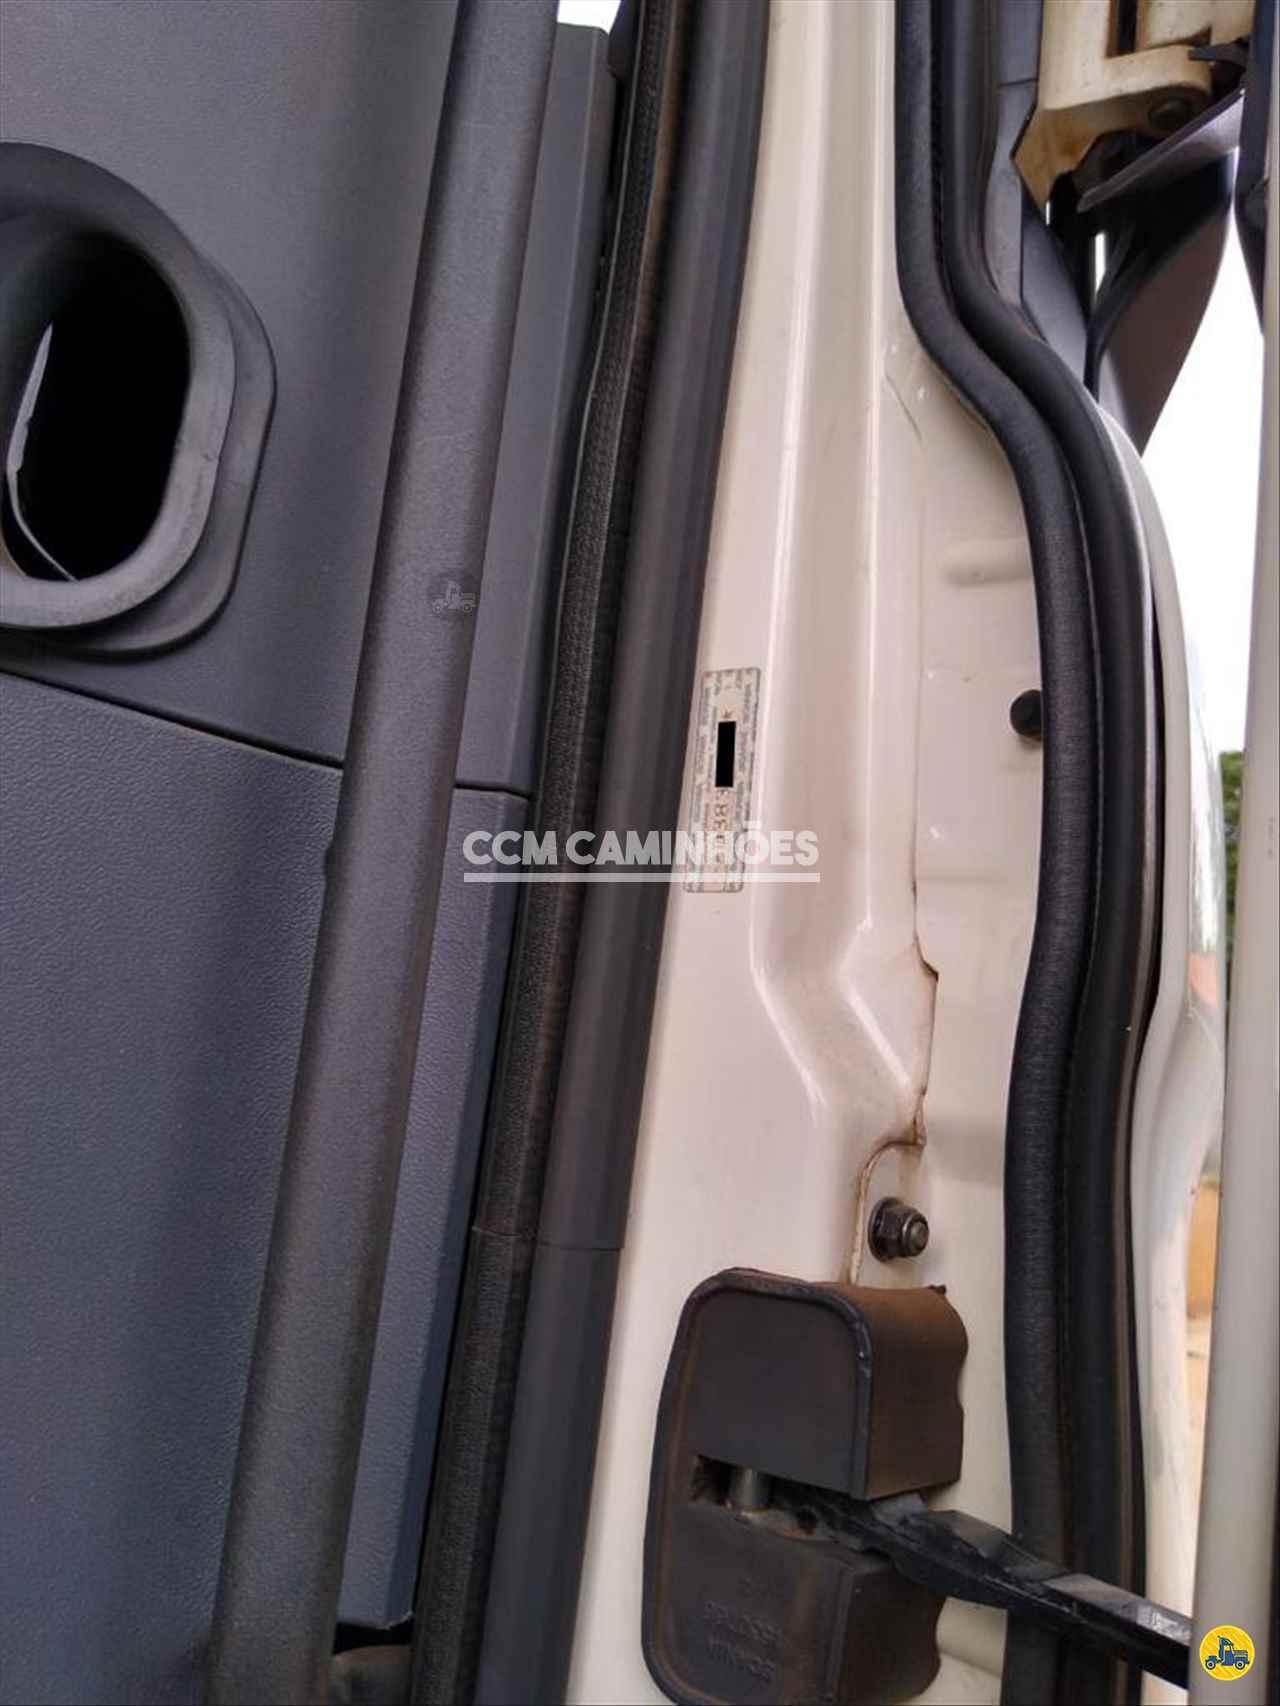 SCANIA SCANIA 440 560km 2013/2013 CCM Caminhões